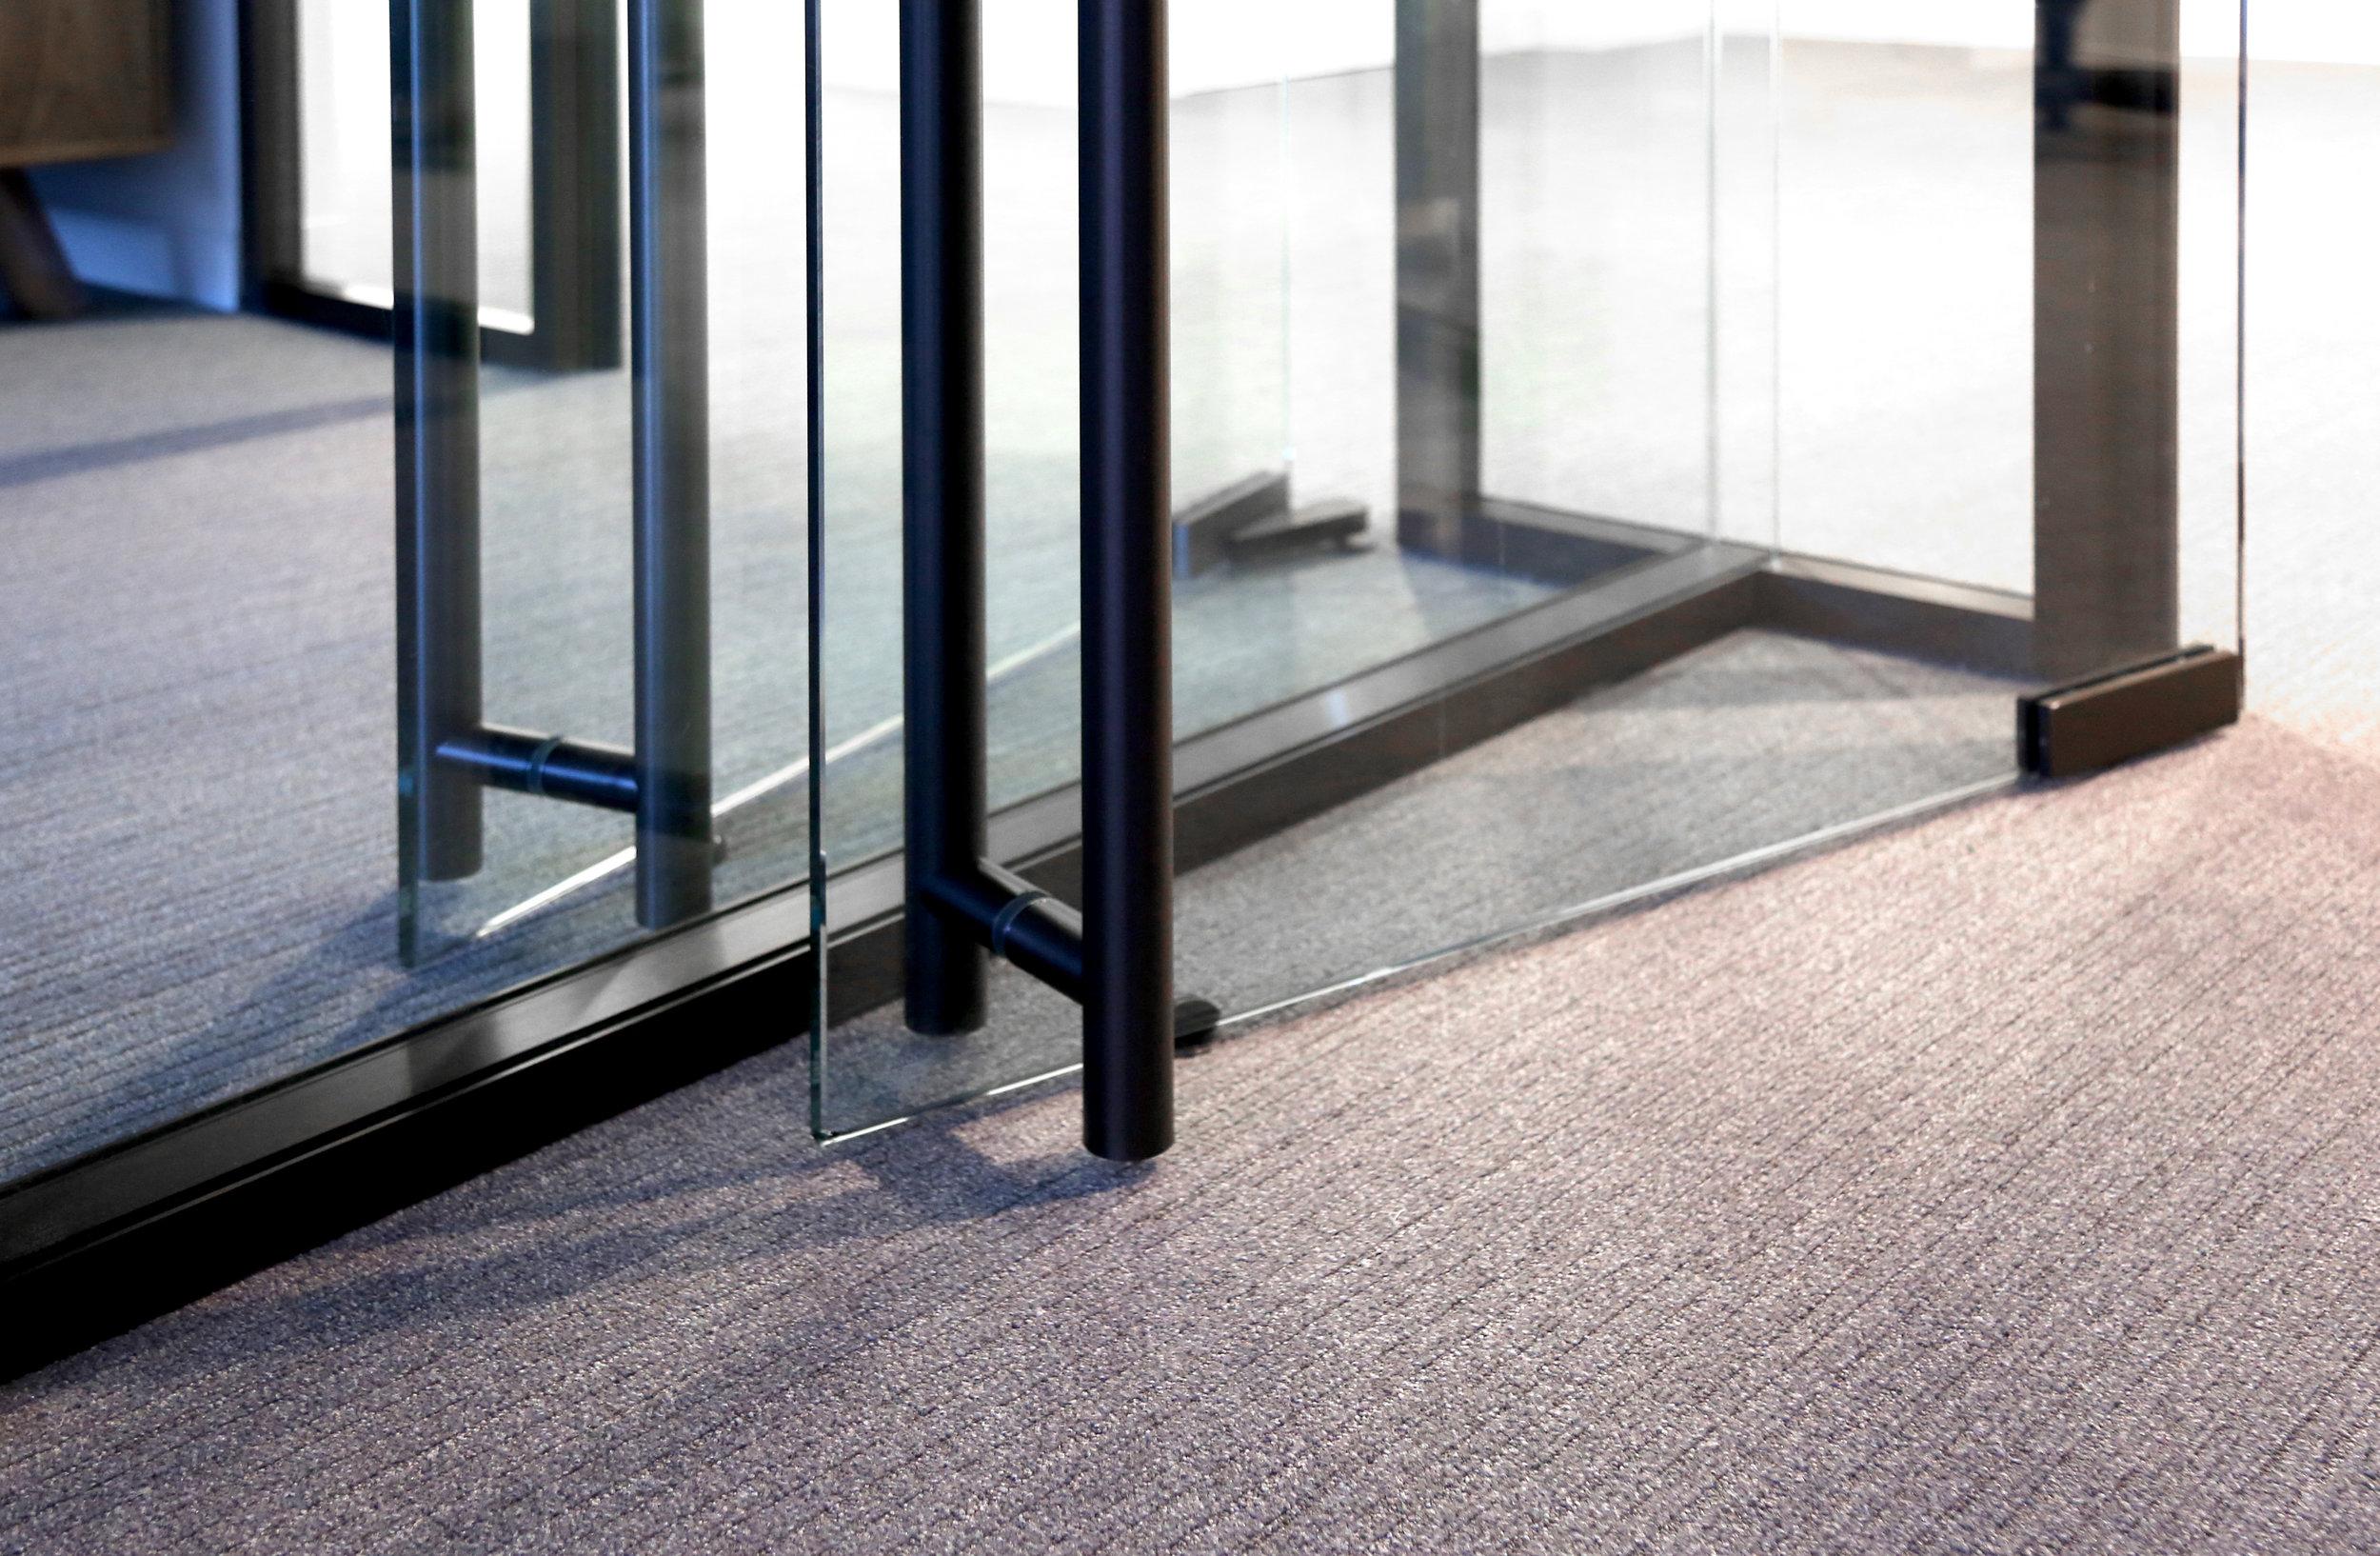 Modernus Back to Back Frameless Glass Pivot Doors Return - Spaceworks AI.jpg